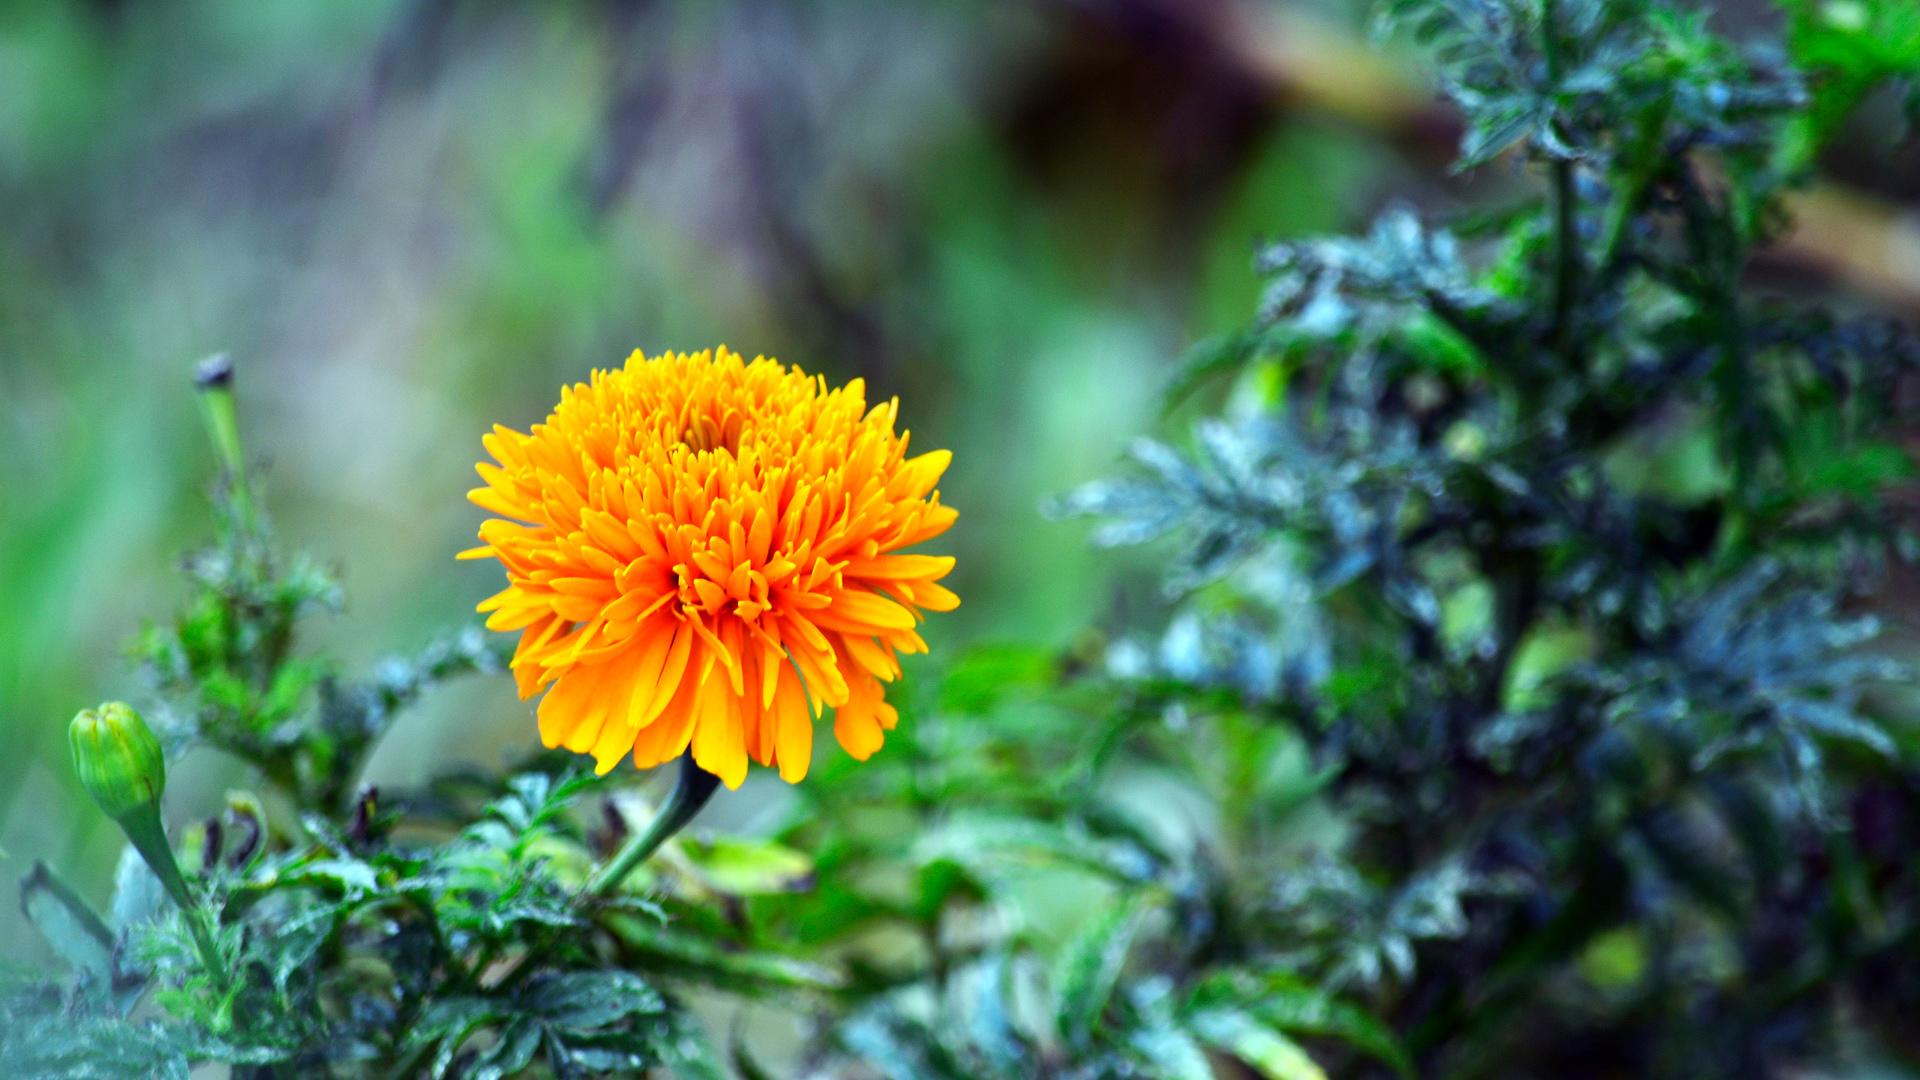 Оранжевый цветок в лесу